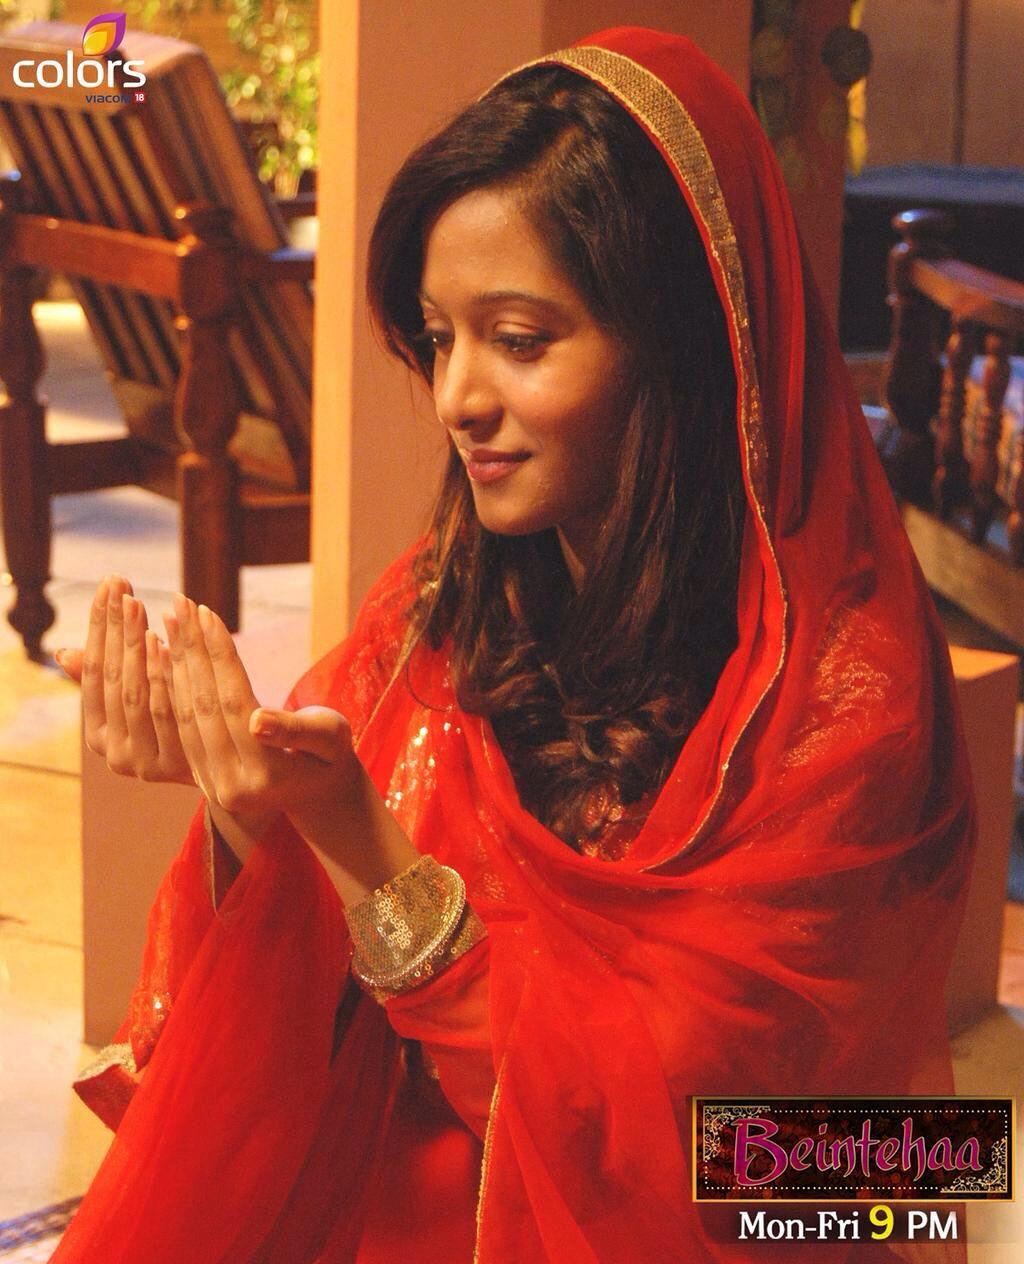 Preetika rao as aliya in beintehaa hd wallpaper free all hd - Preetika Rao As Aaliya In Beintehaa